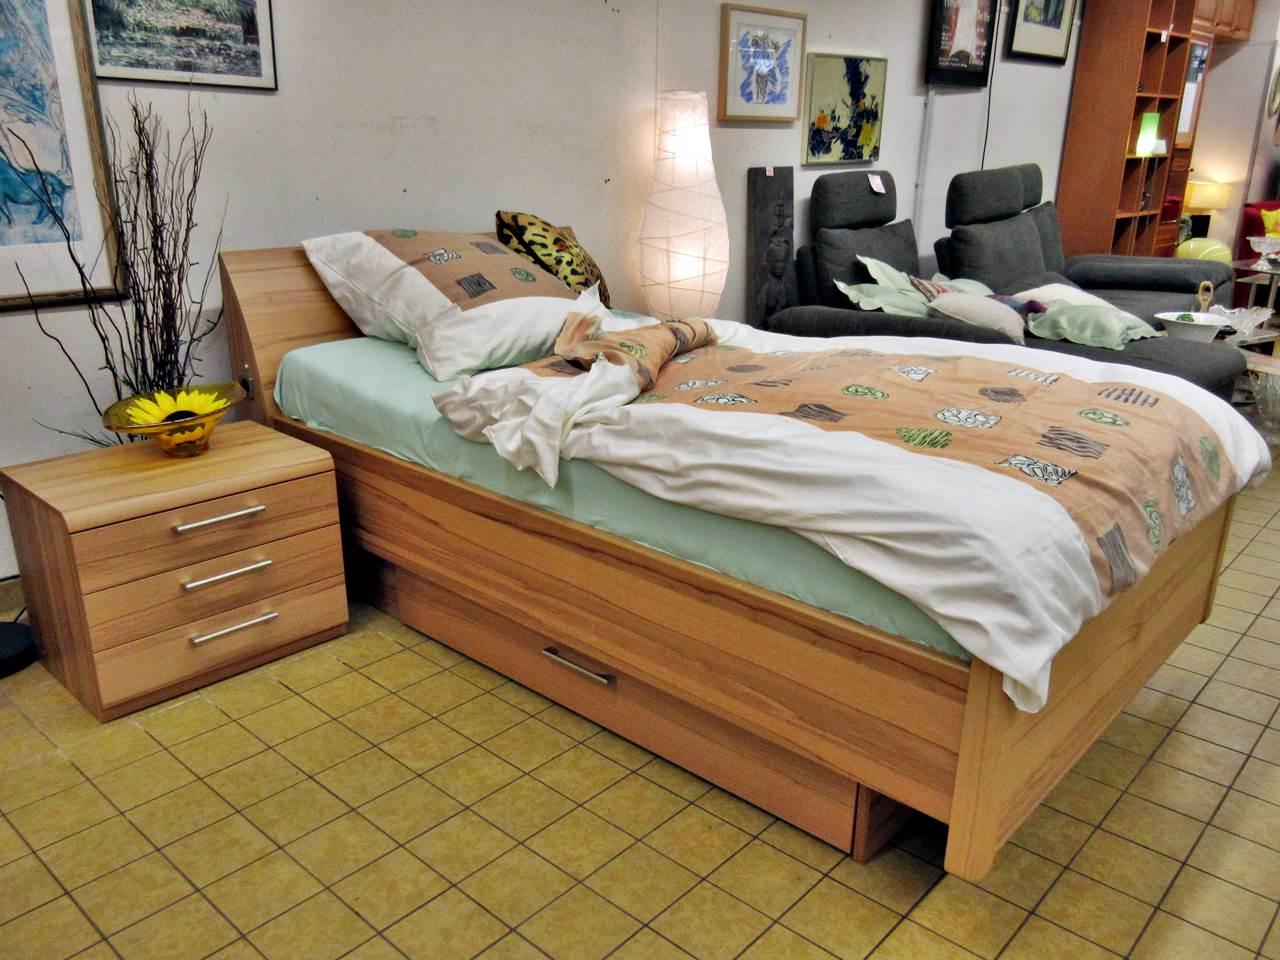 Full Size of Trendiges Bett Mit Lattenrost Und Led Beleuchtung Trdel Oase 180x200 Bettkasten Stauraum 160x200 Betten Münster 120x200 Weiß 200x200 Schlafzimmer Komplett Bett Bett Komplett